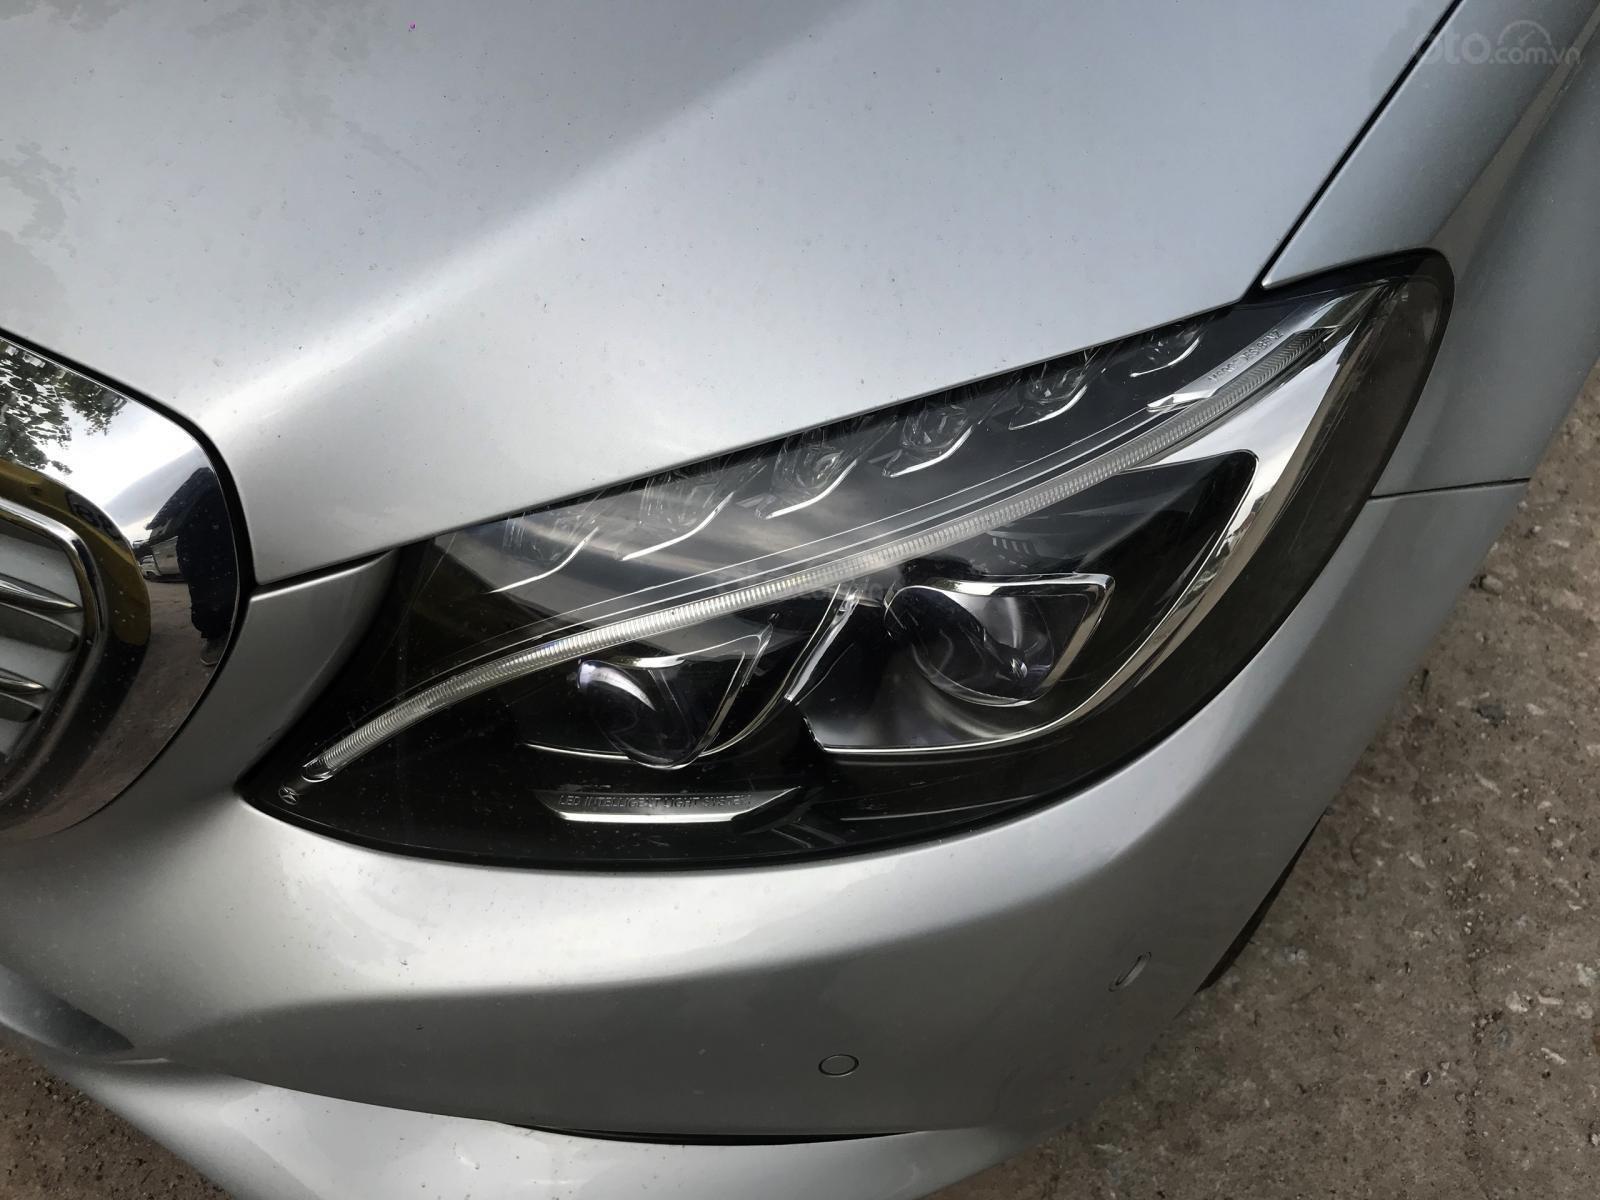 Bán ô tô Mercedes C250 Exclusive 2016, màu bạc hợp mệnh kim, chính chủ-3